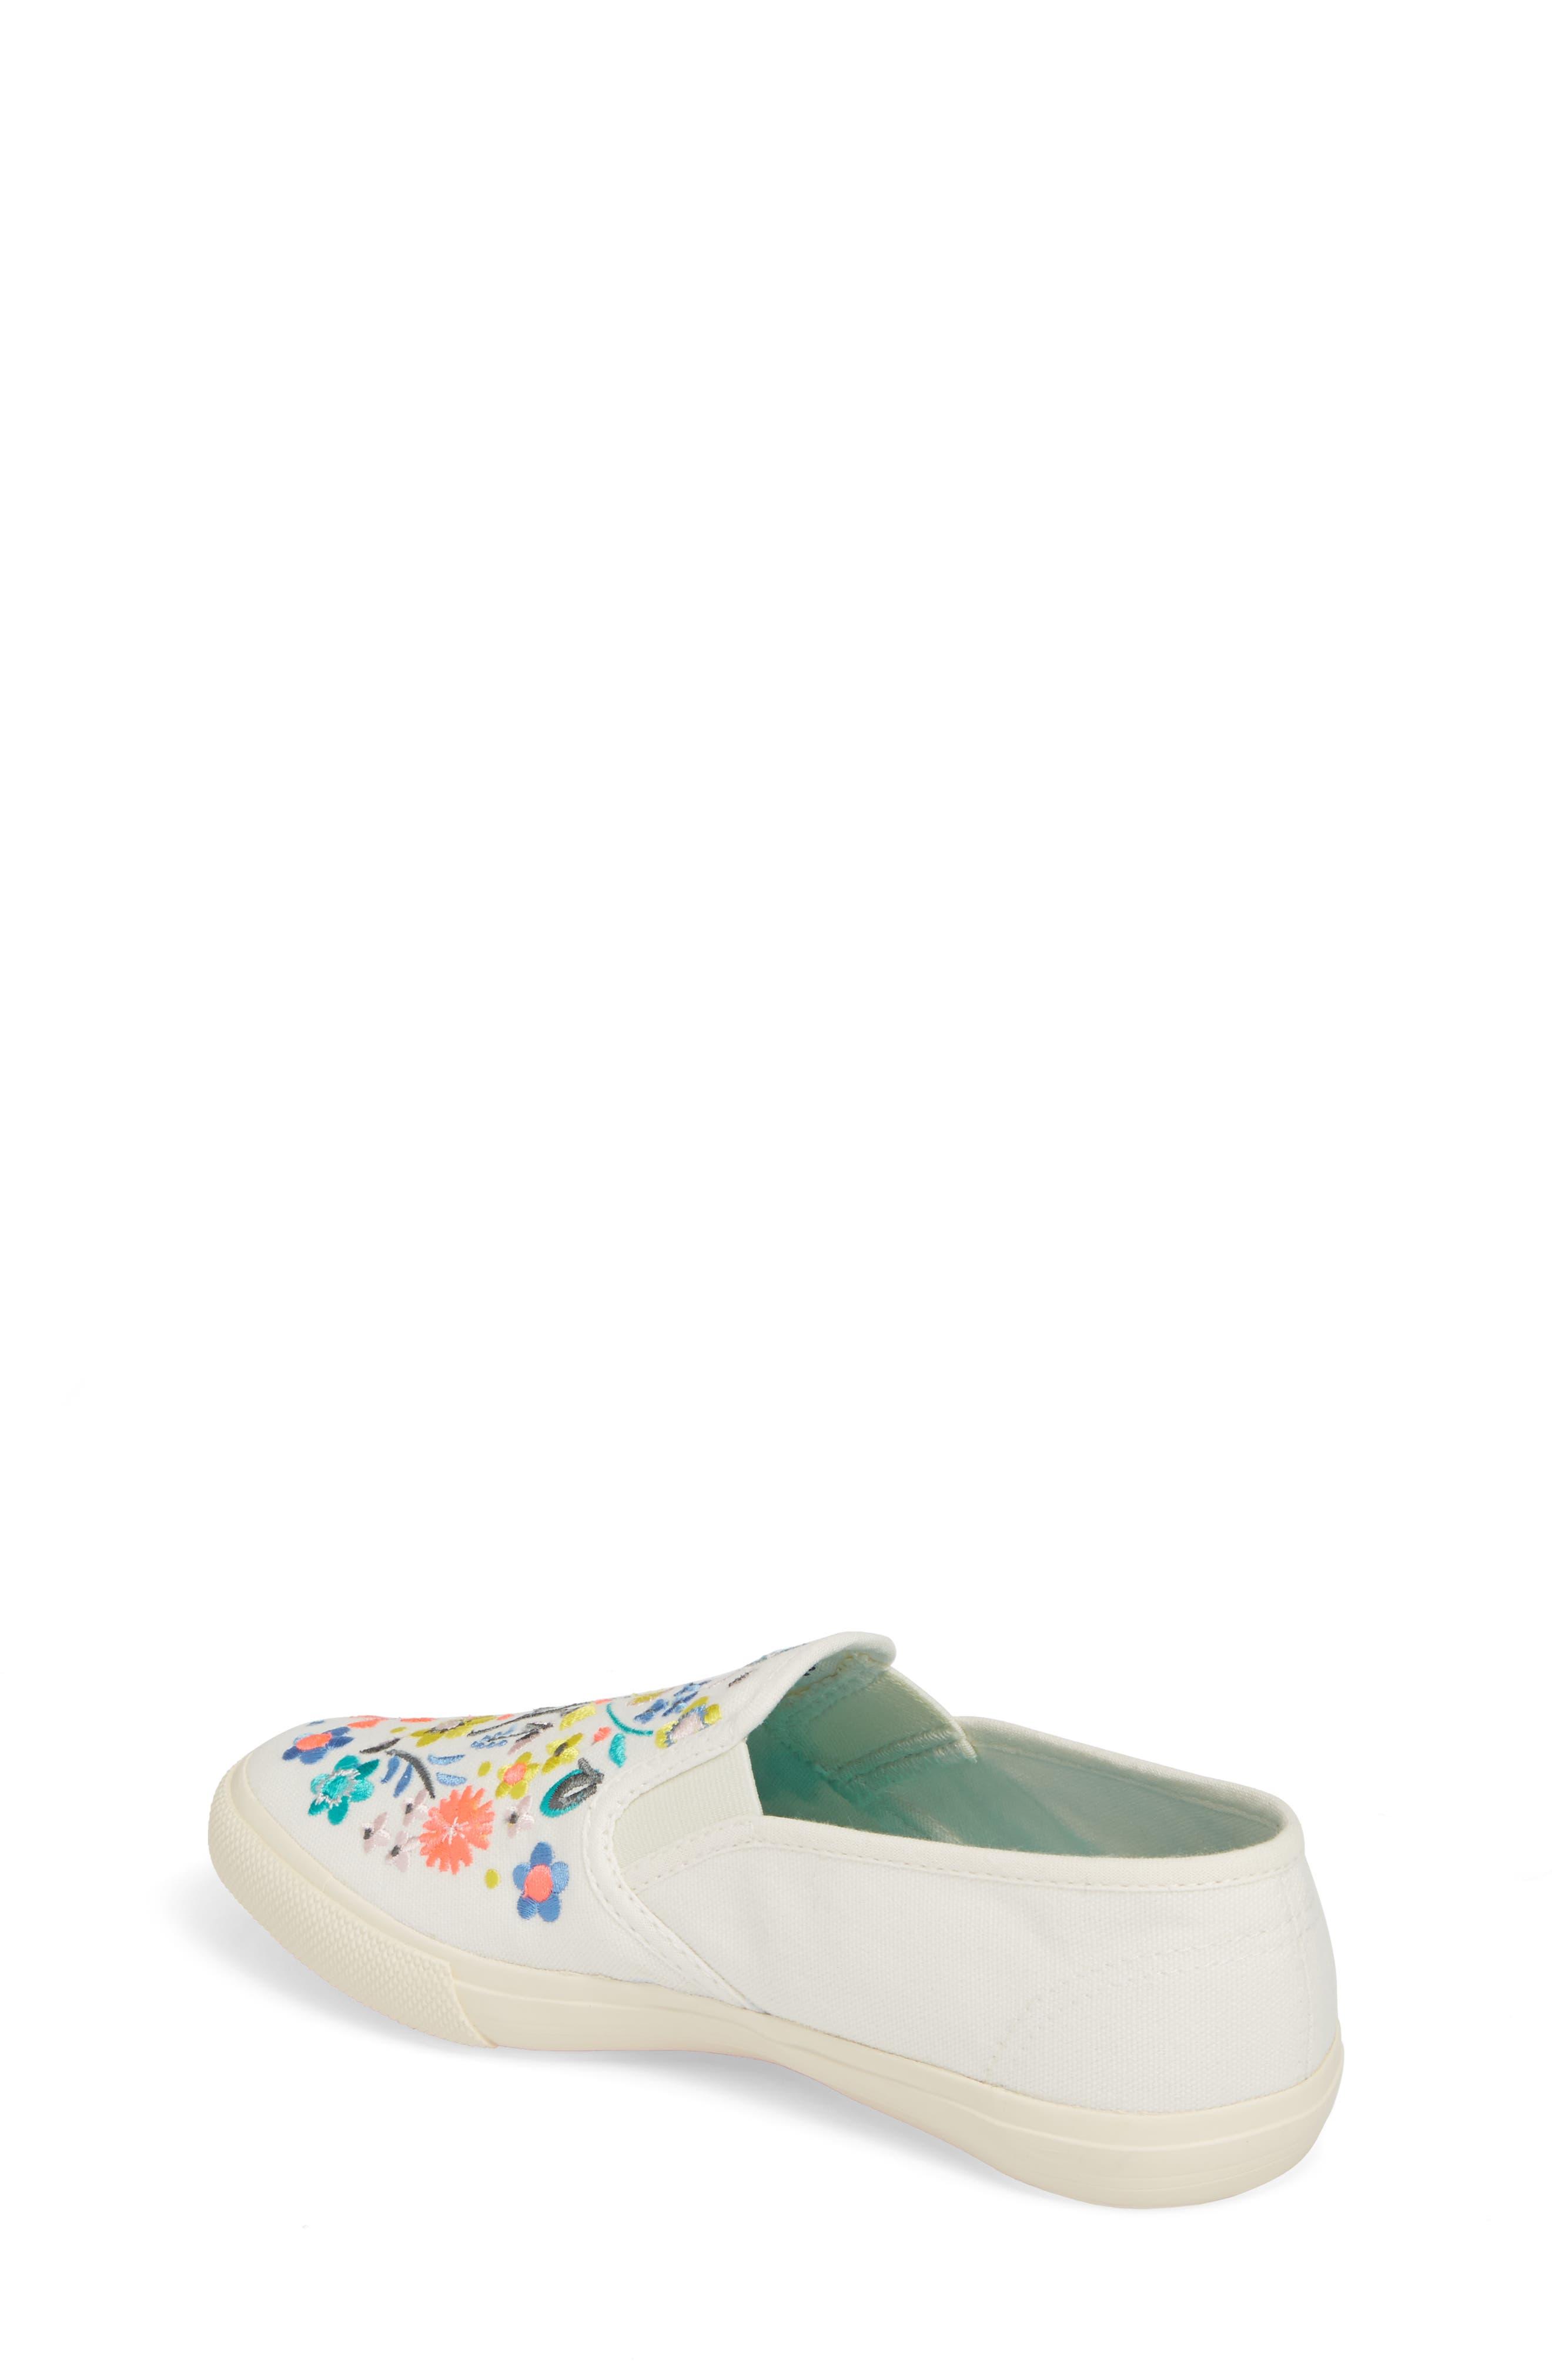 Boden Embroidered Slip-On Sneaker,                             Alternate thumbnail 2, color,                             Ecru